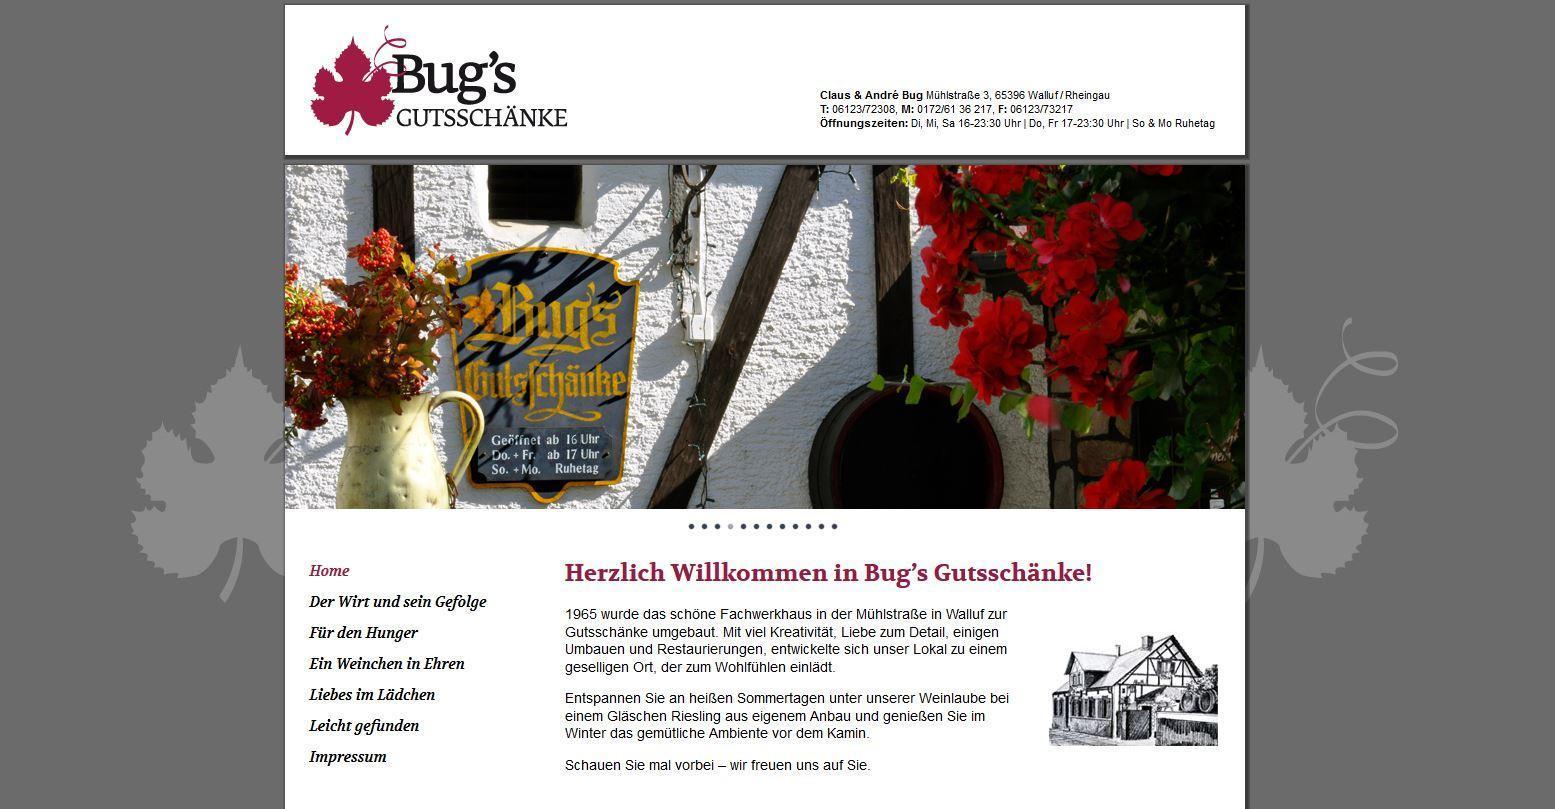 Bugs Gutsschänke